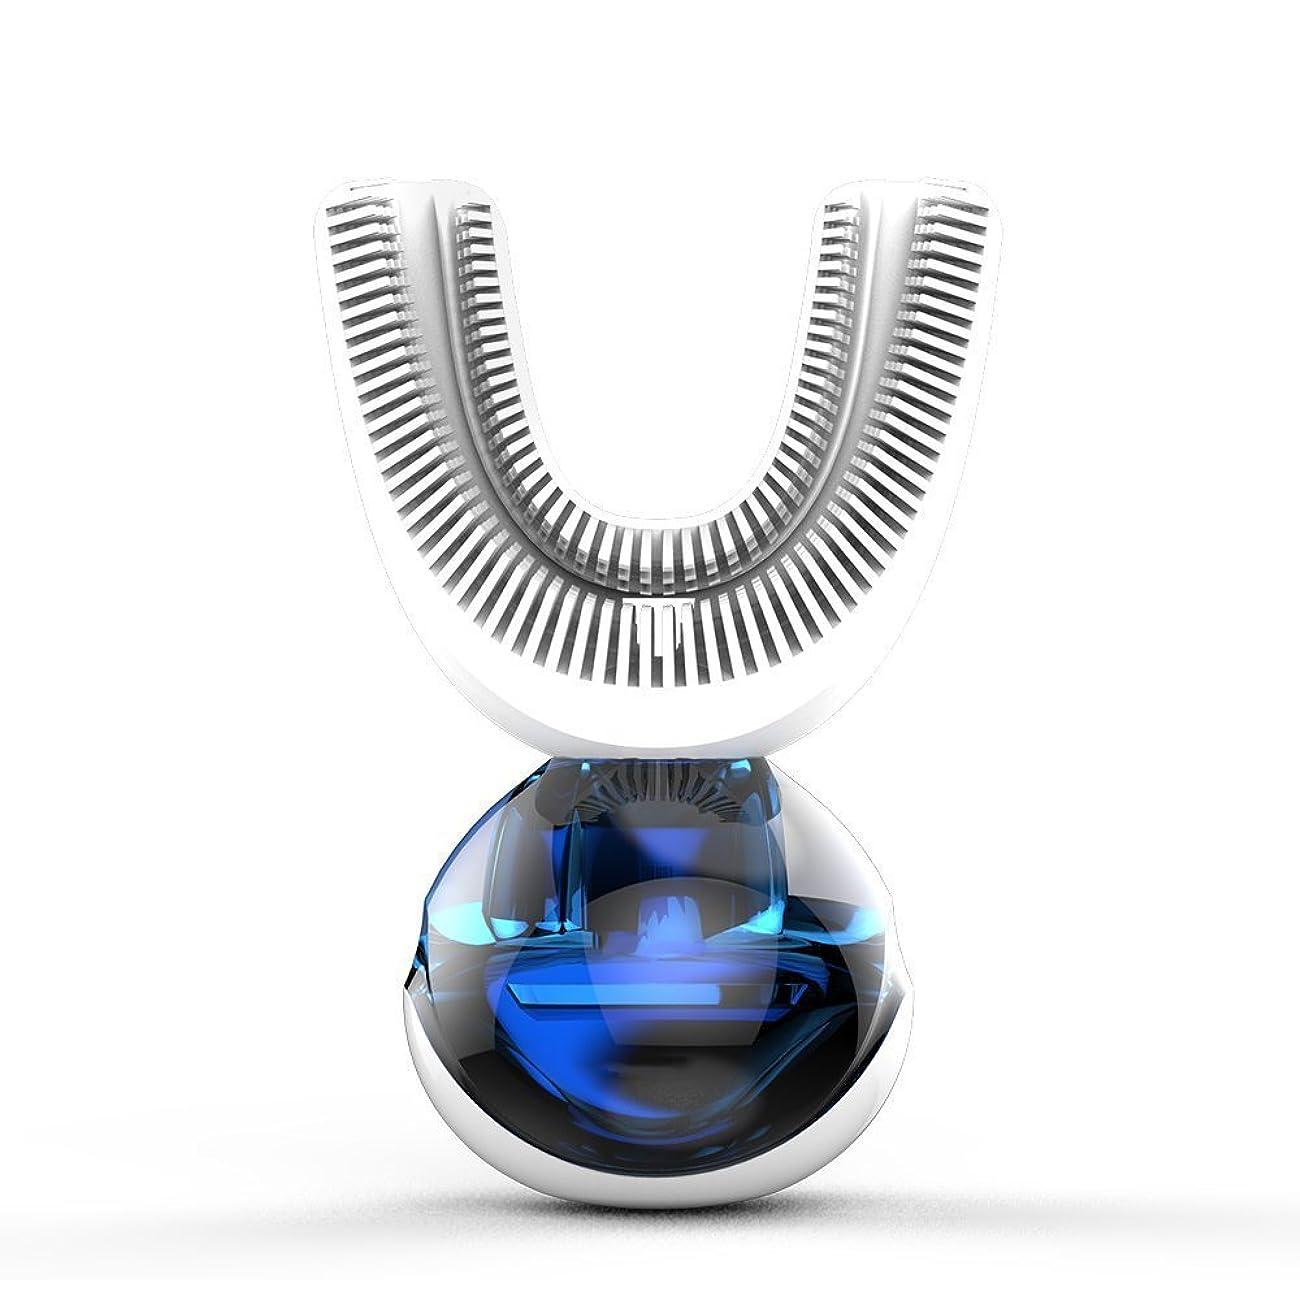 結婚式然とした従来のフルオートマチック可変周波数電動歯ブラシ、自動360度U字型電動歯ブラシ、ワイヤレス充電IPX7防水自動歯ブラシ(大人用)